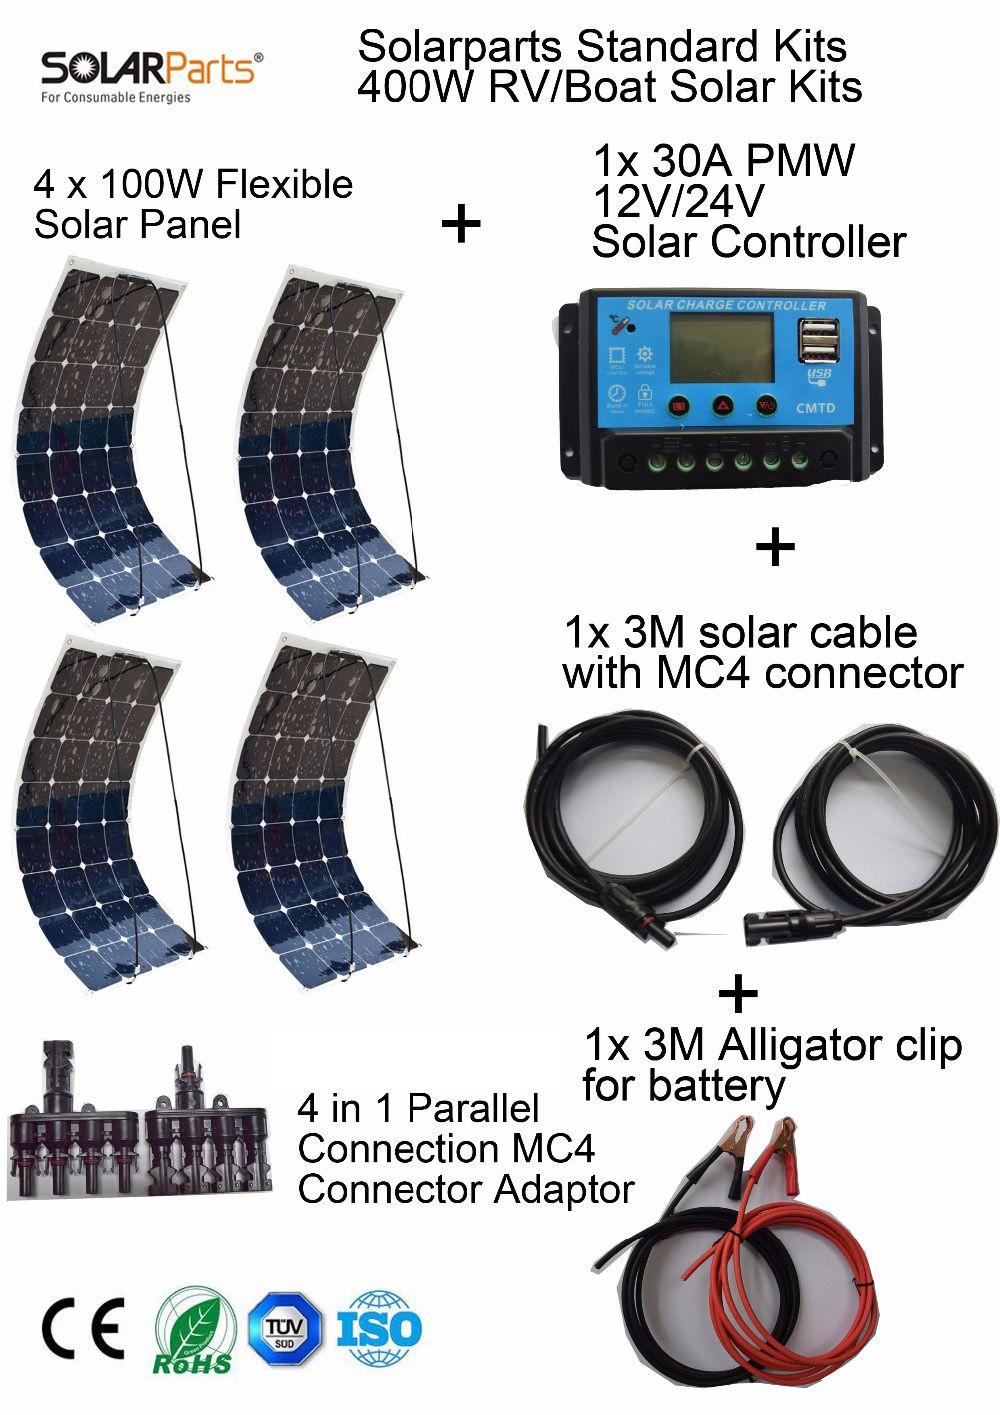 Solarparts Стандартный Наборы 400 Вт DIY RV/лодка Наборы Солнечный Системы 100 Вт гибкие солнечные панели + контроллер + кабель открытый светодиодный м...